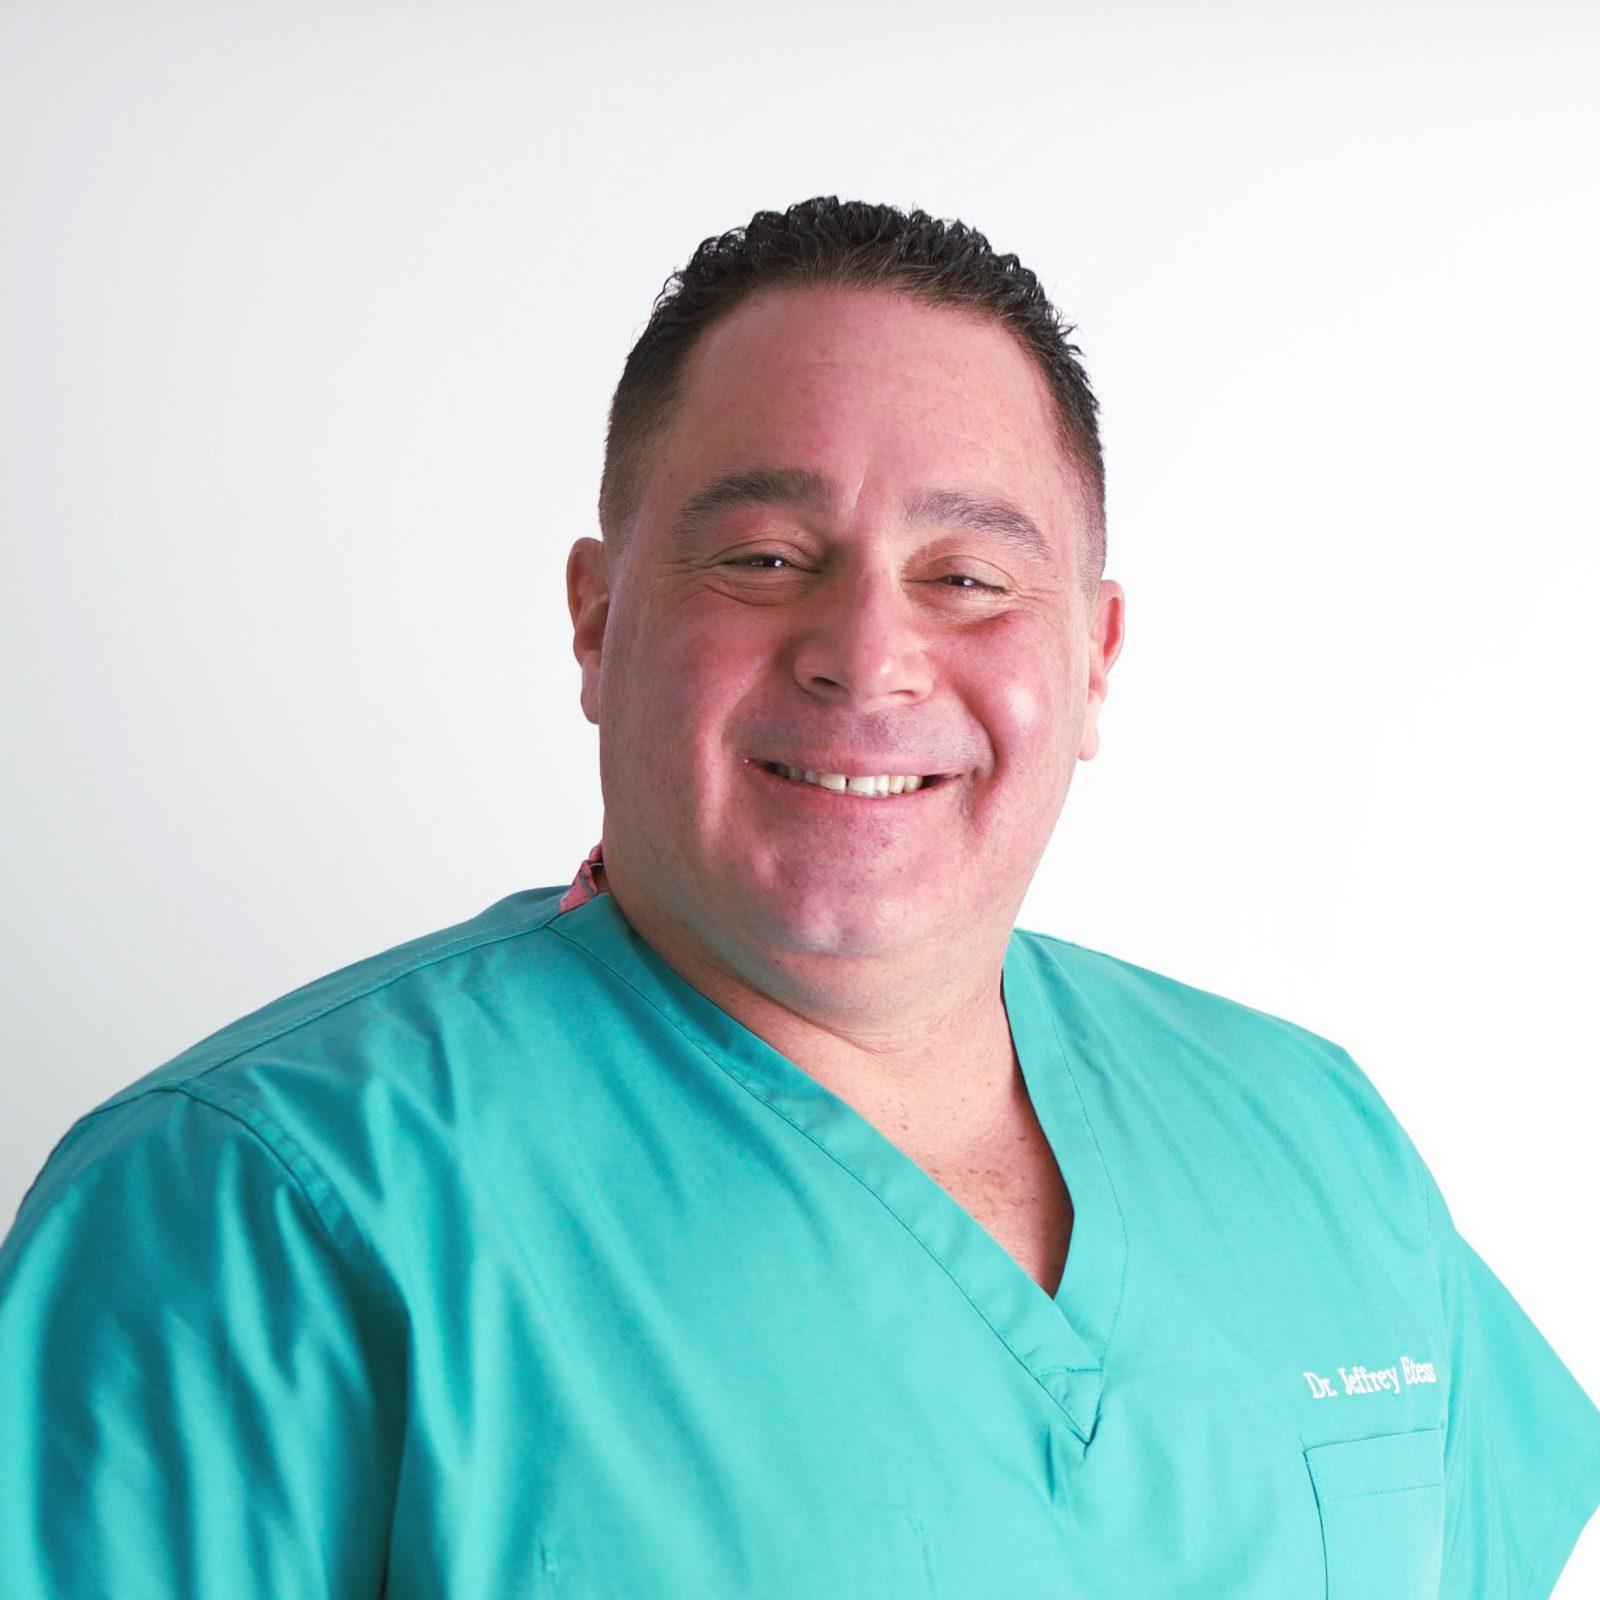 Dr. Jeffrey Etess, D.M.D., N.M.D., I.B.D.M.